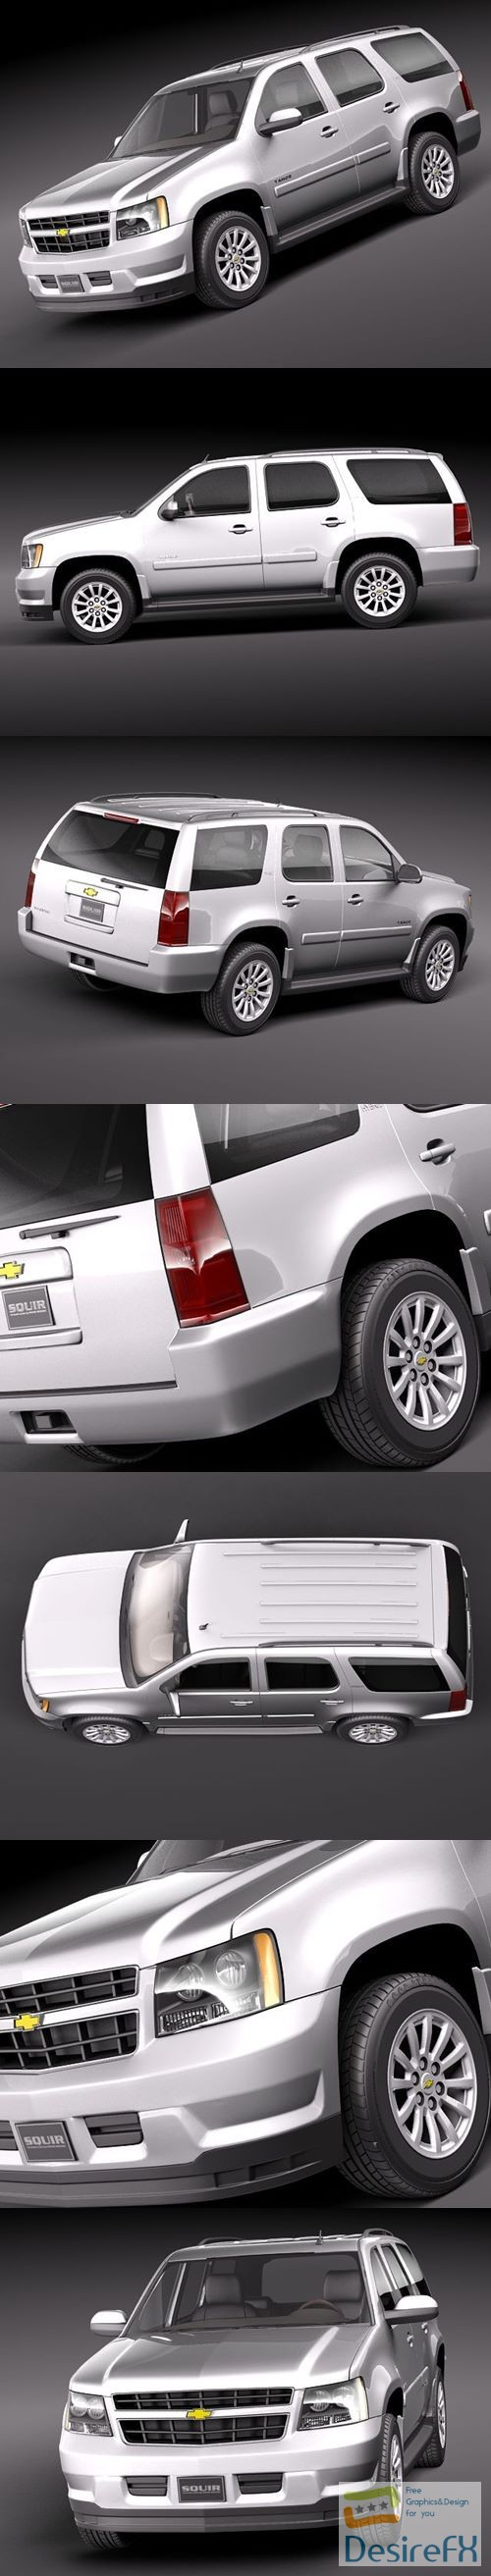 Chevrolet Tahoe Hybrid 2010 3D Model